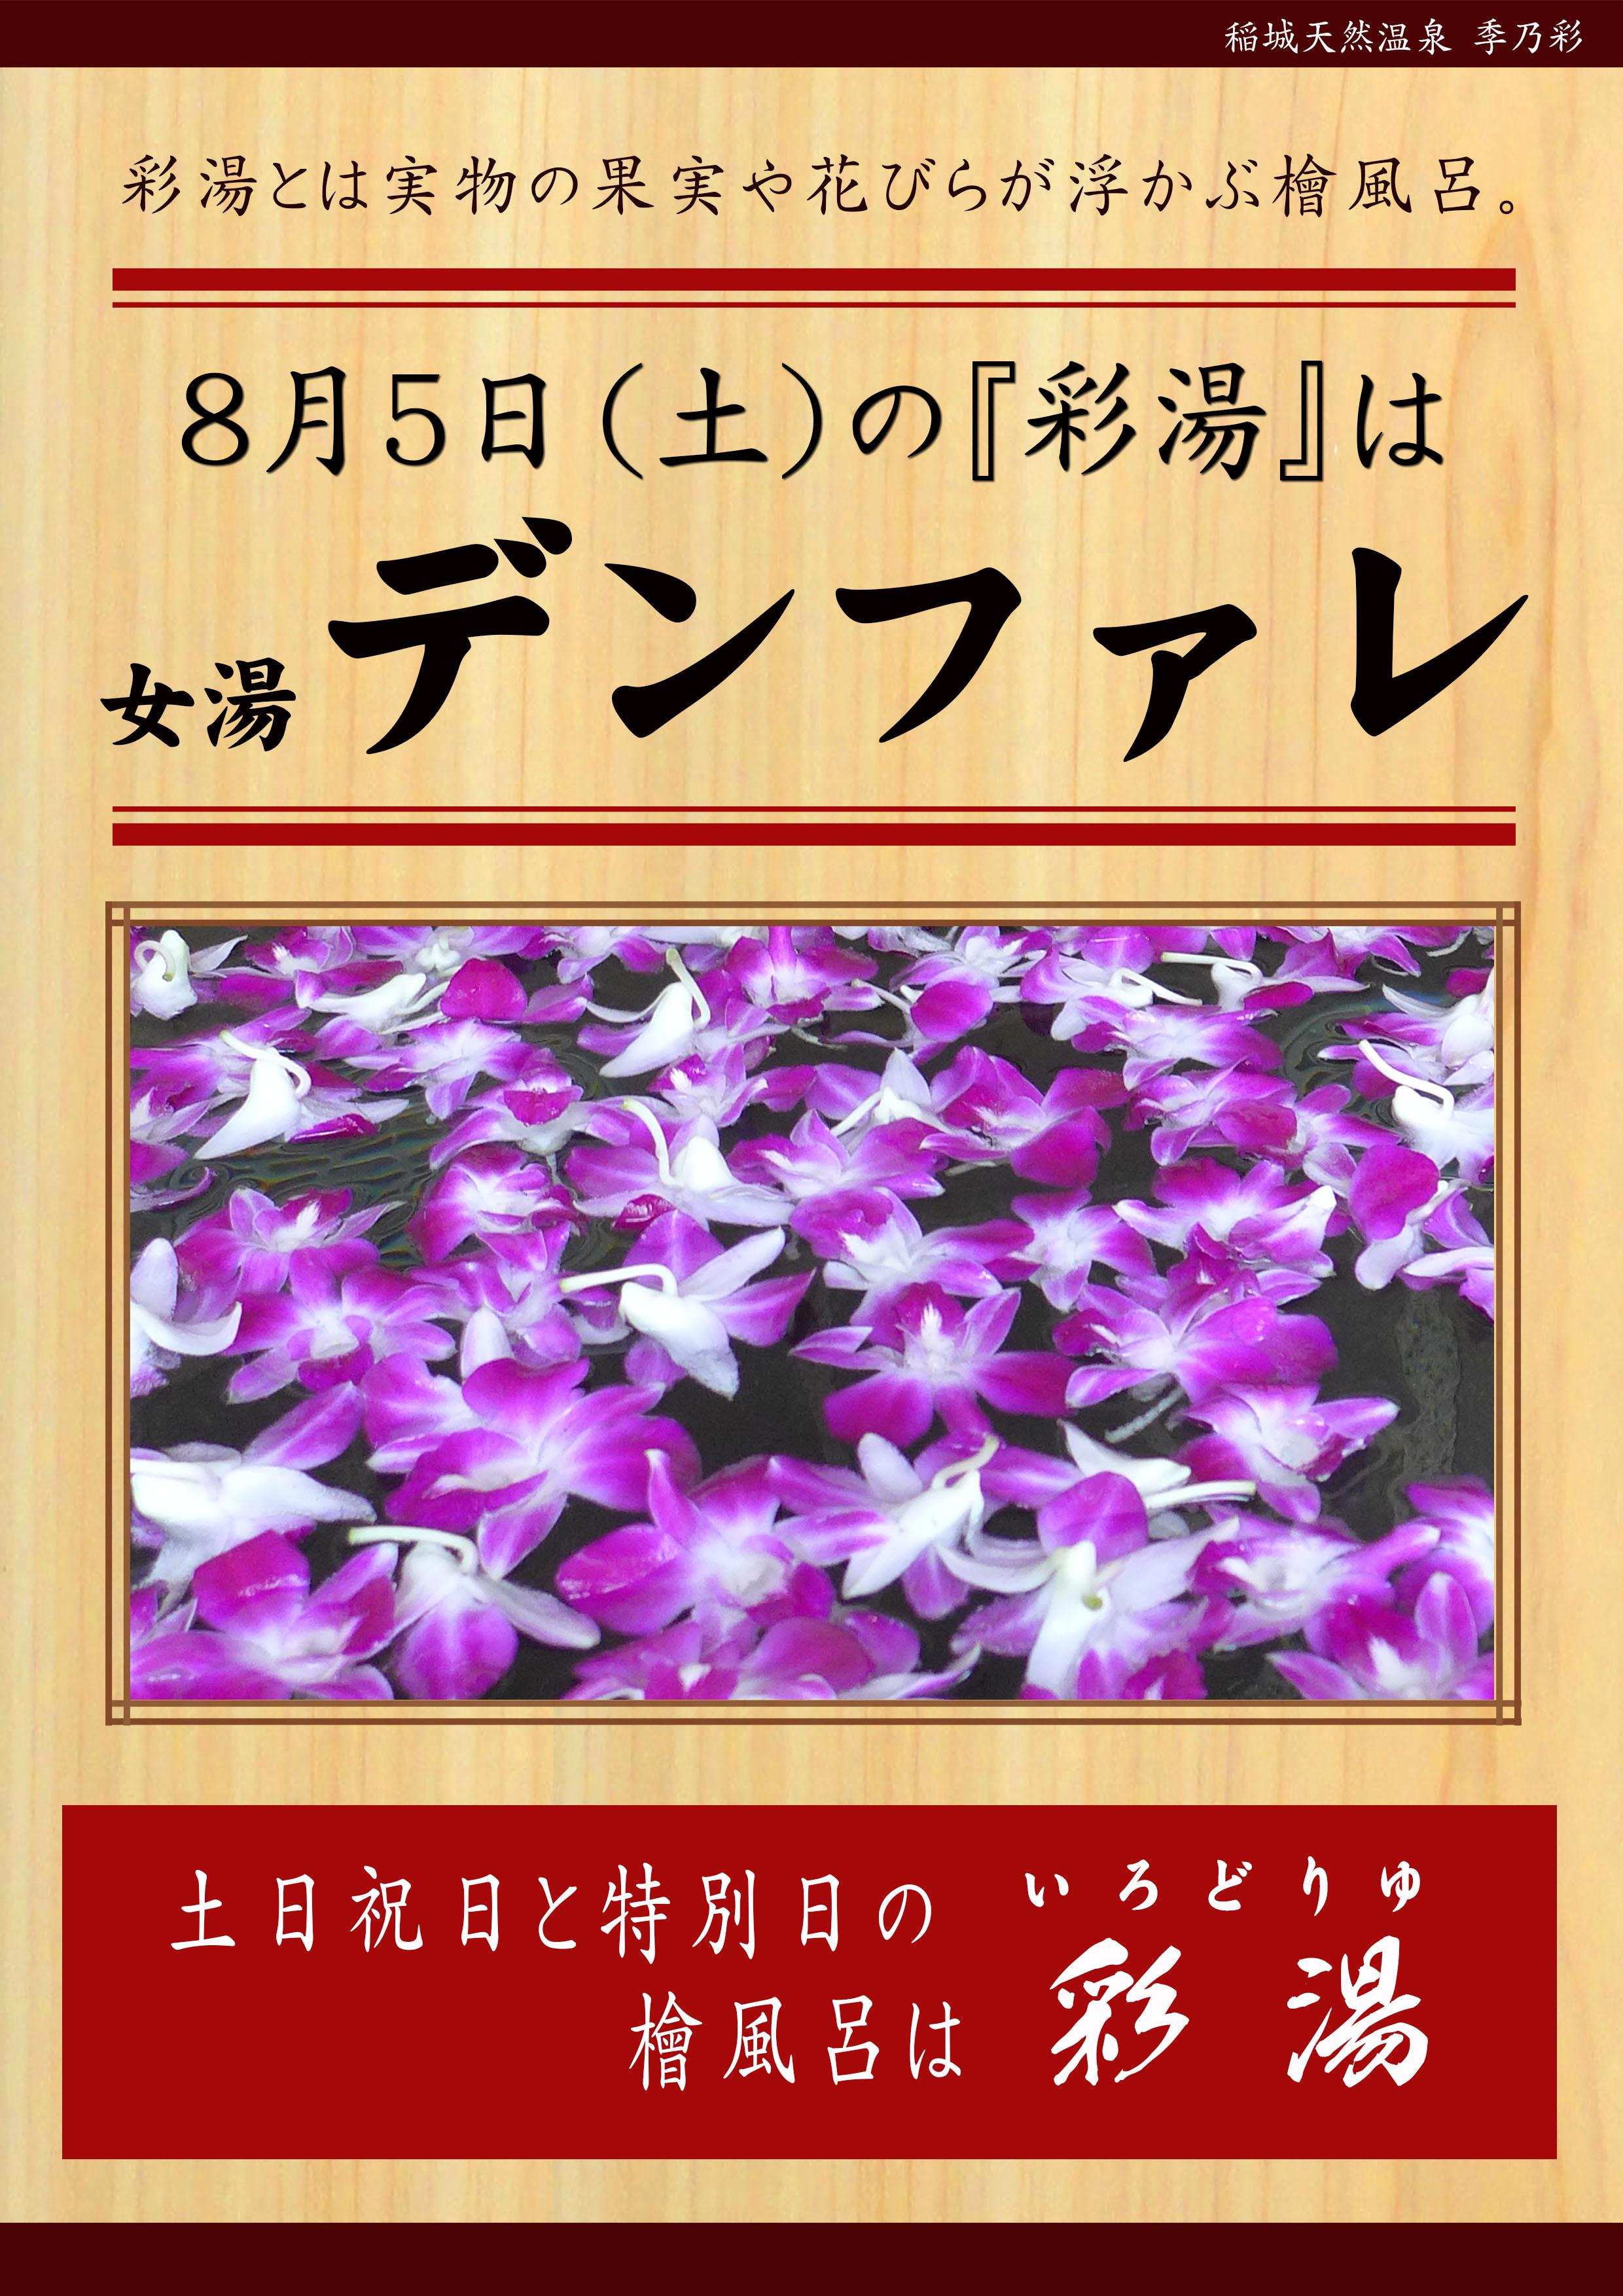 20170805POP イベント 彩湯 女湯 デンファレ